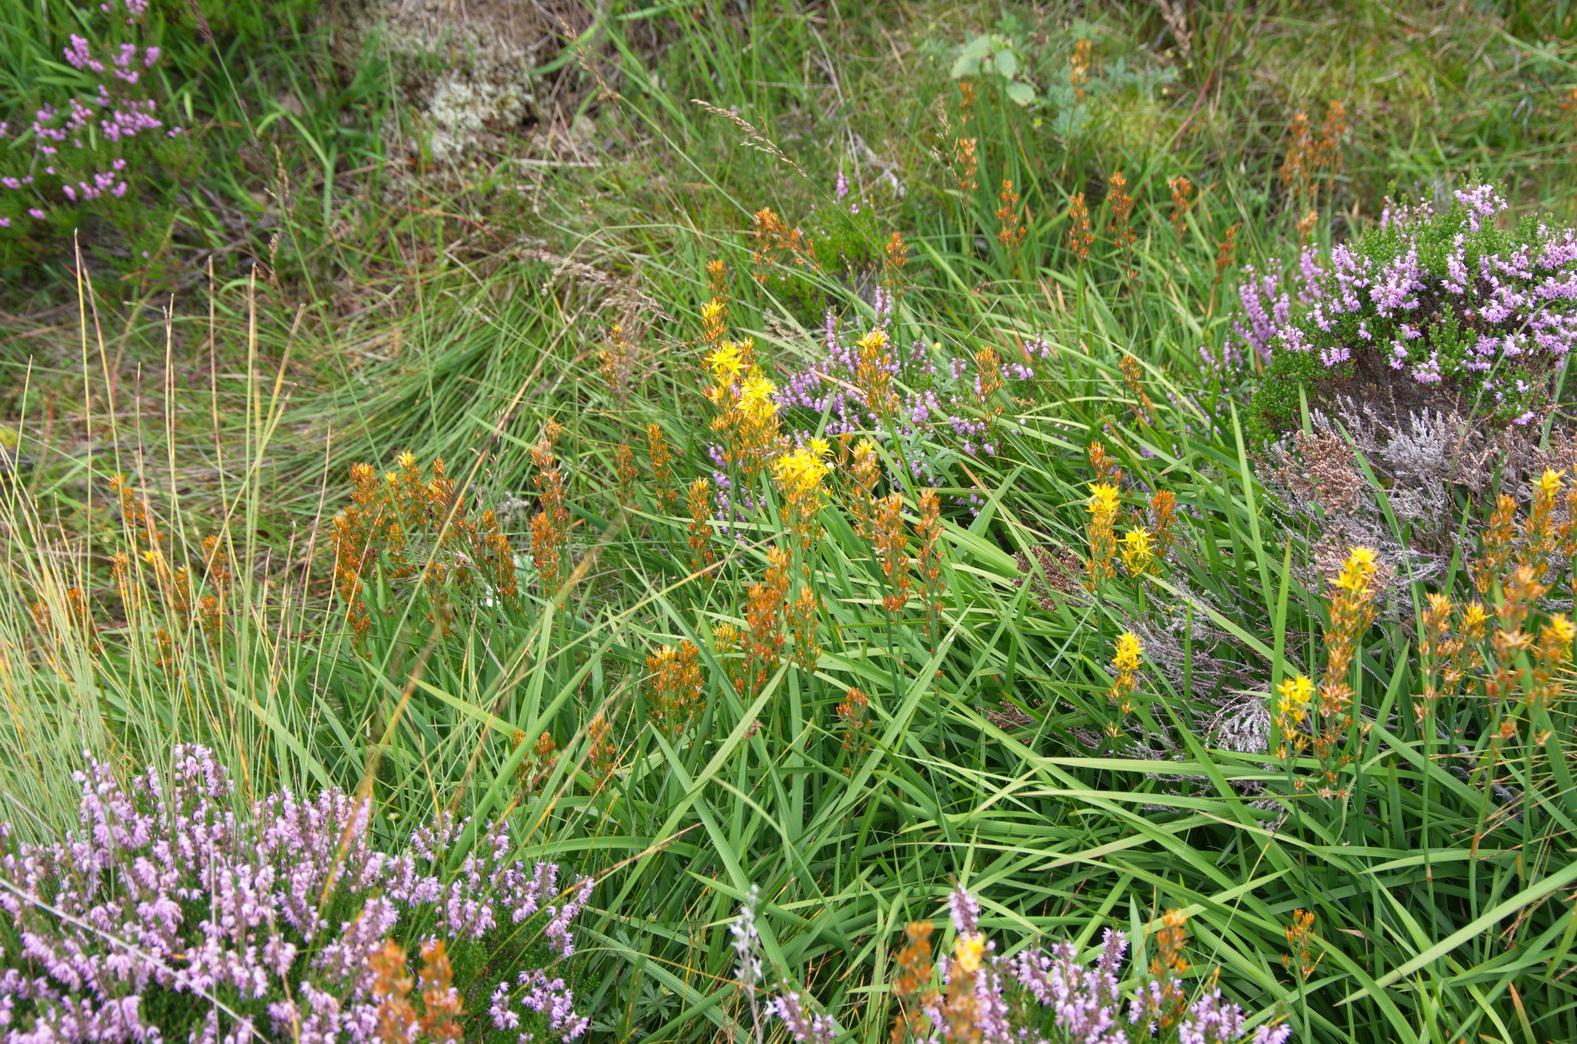 ... hier und da blüht es gelb und violett ...